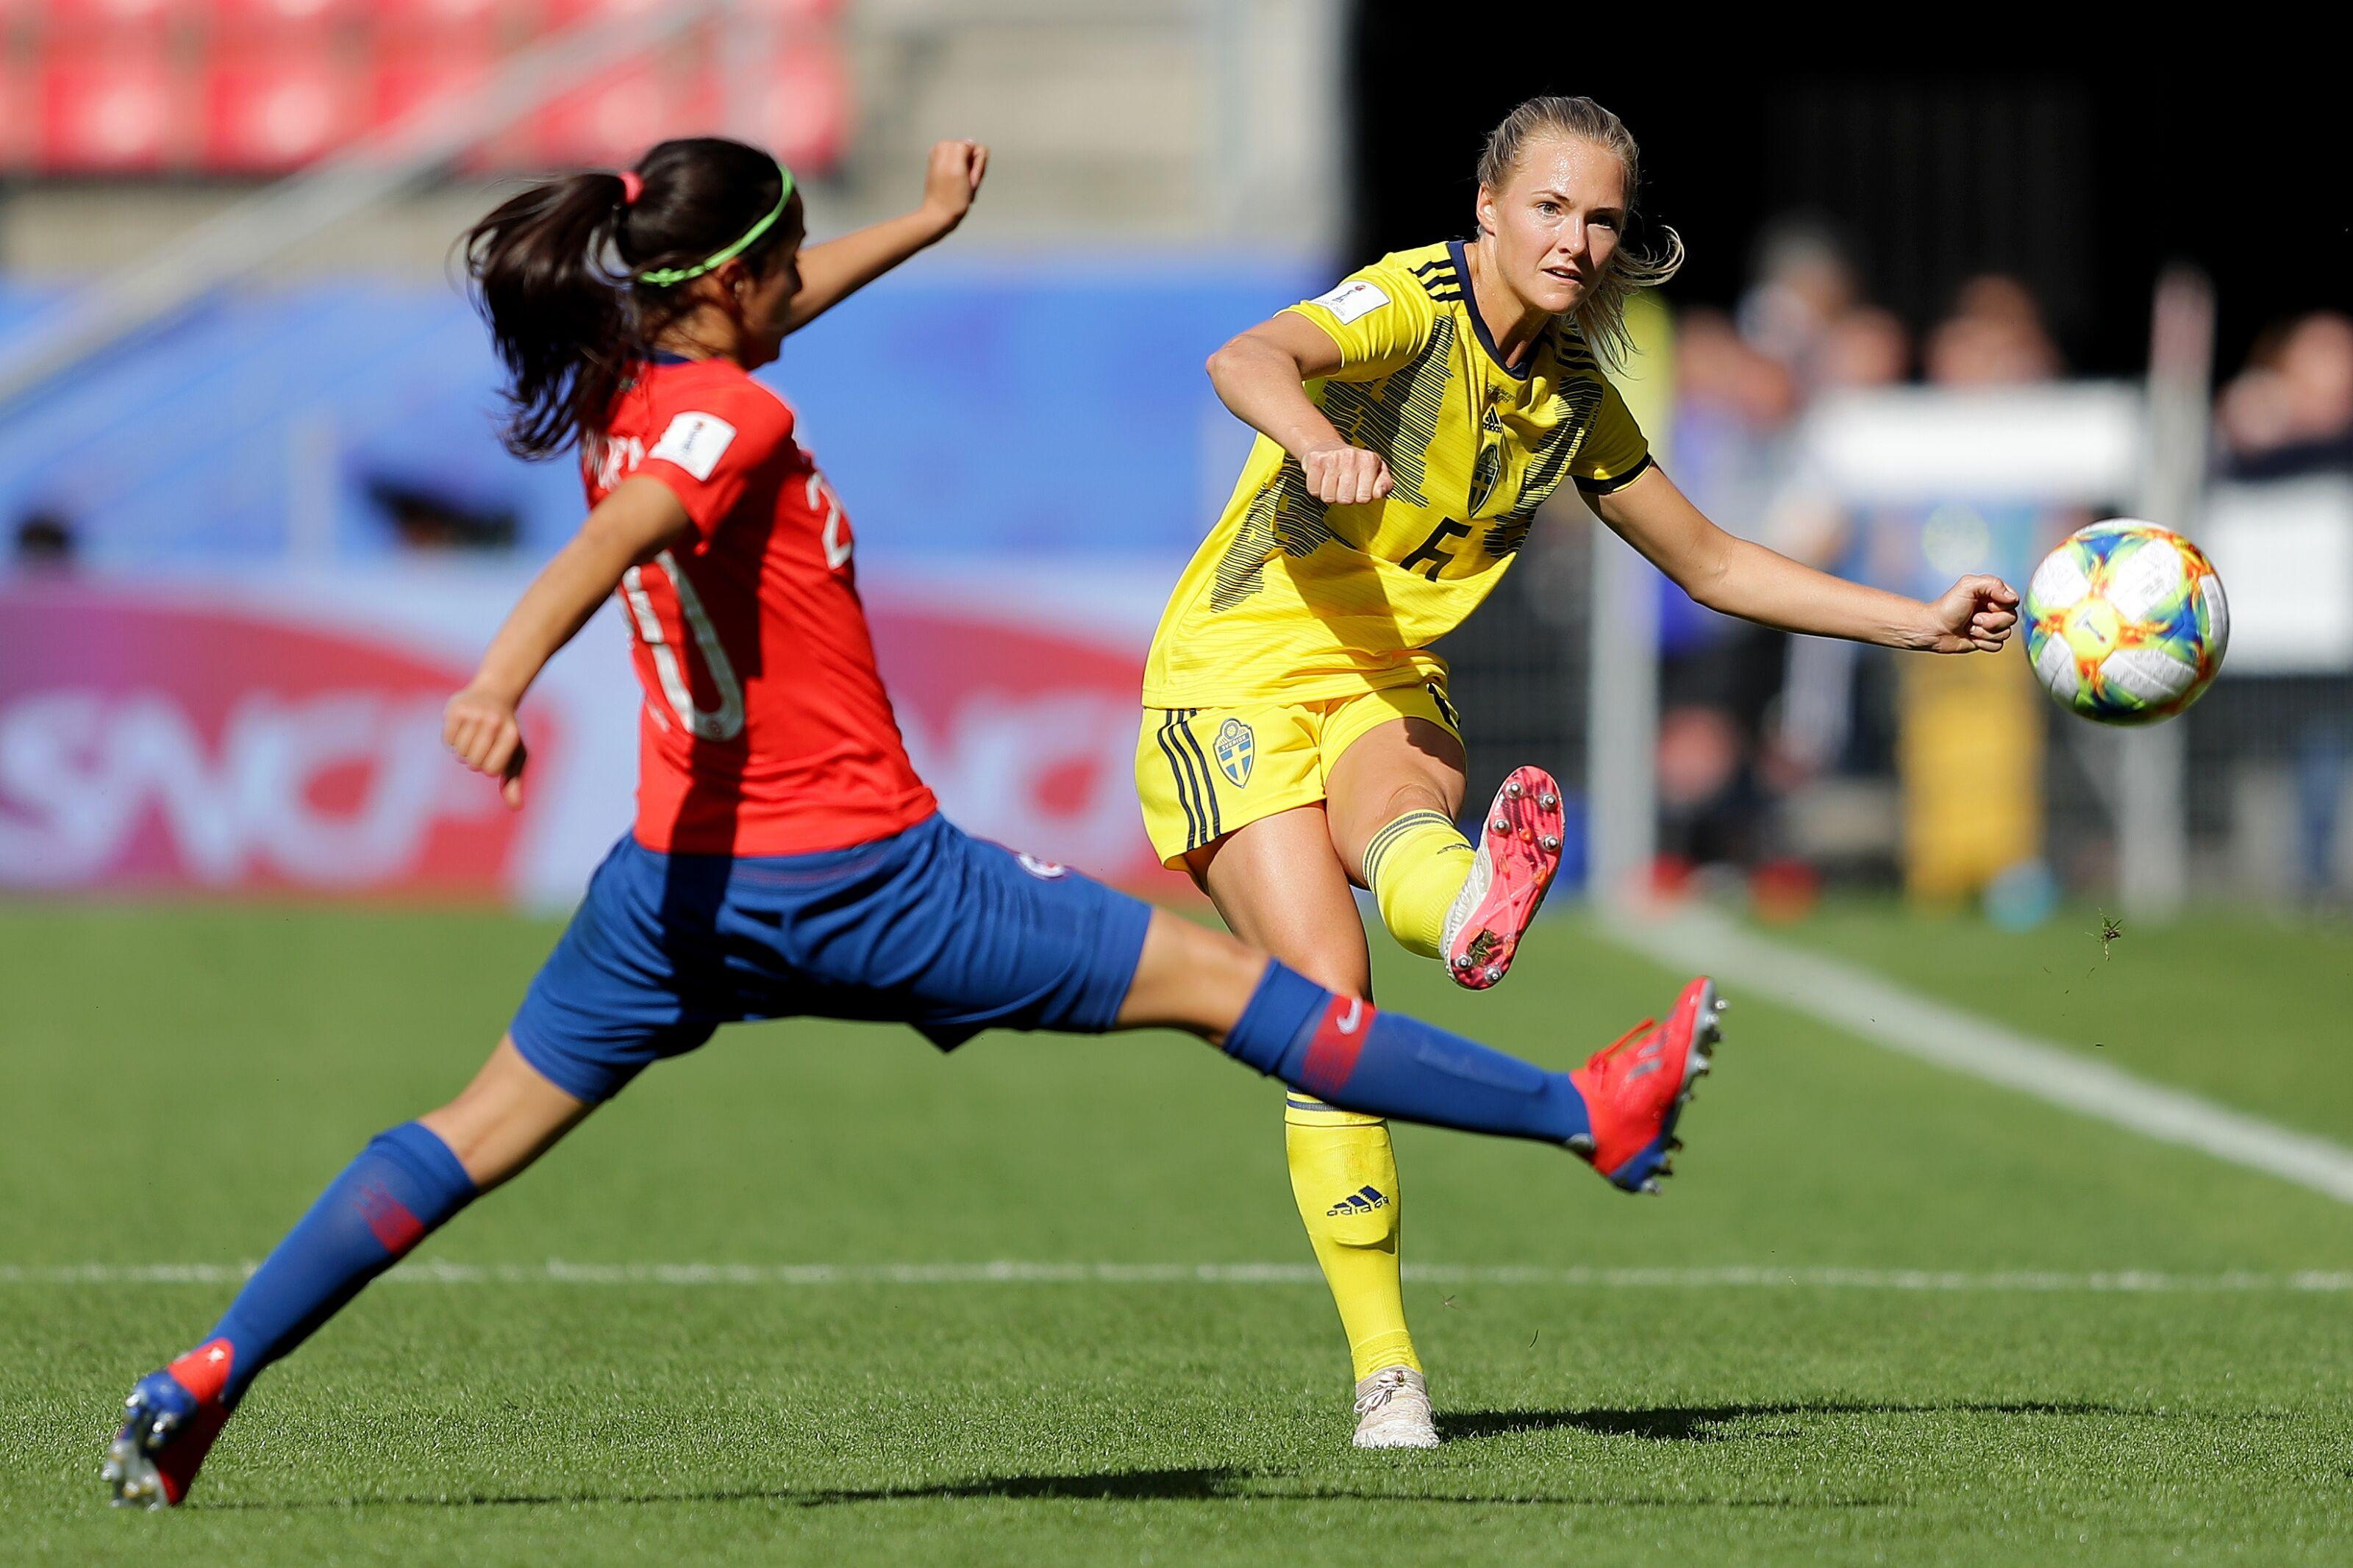 Chelsea left backs: Magdalena Eriksson goes top shelf as men lose an option